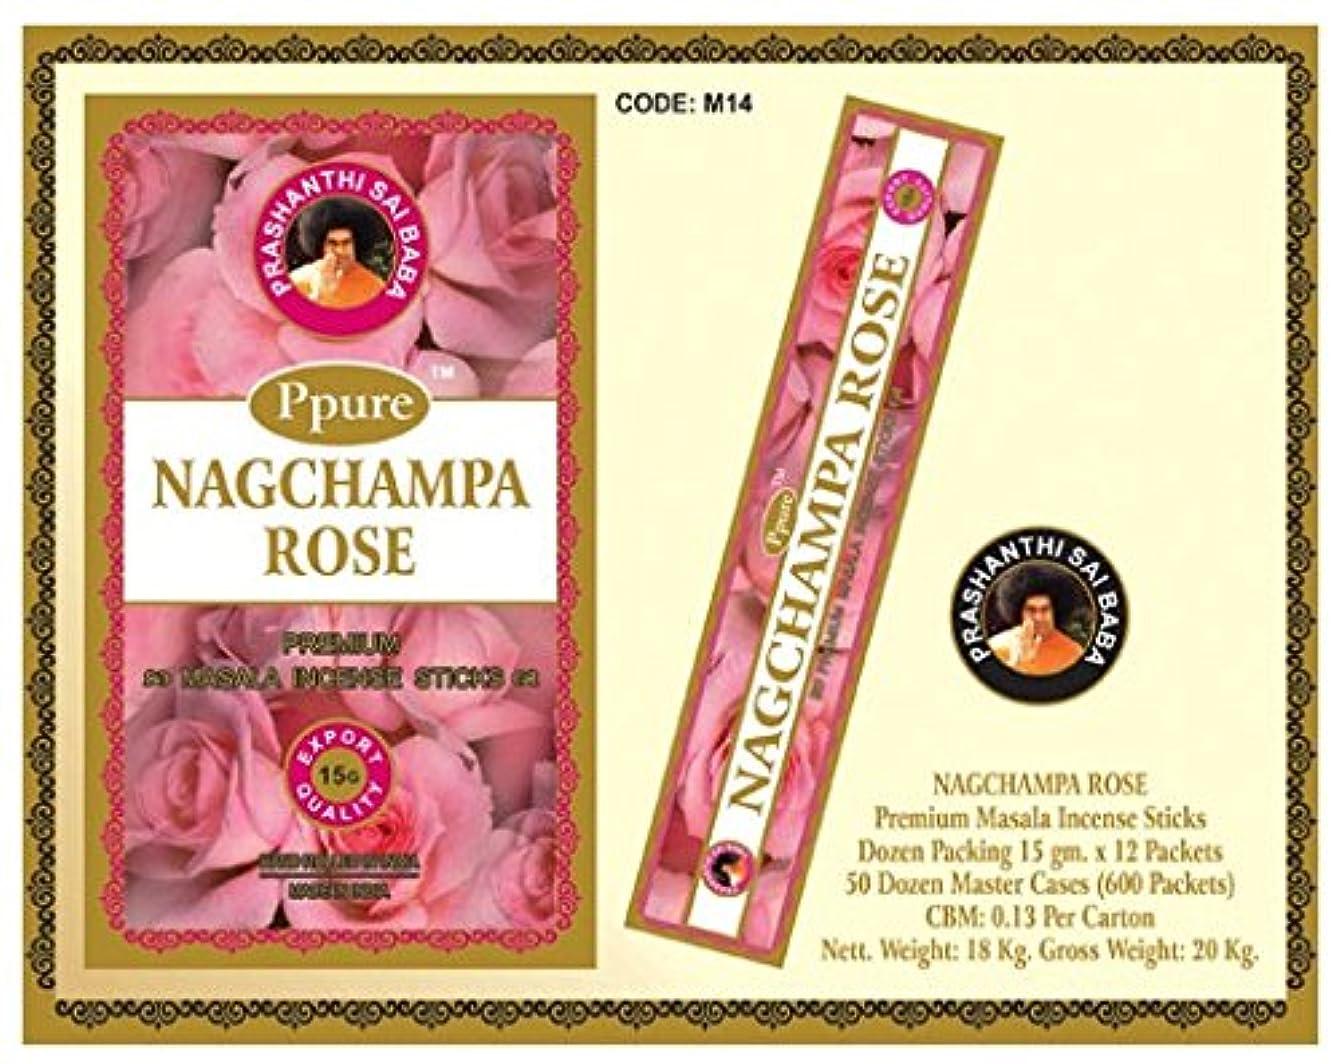 年金朝確認するPpure Nag ChampaプレミアムMasala Incense Sticksローズ